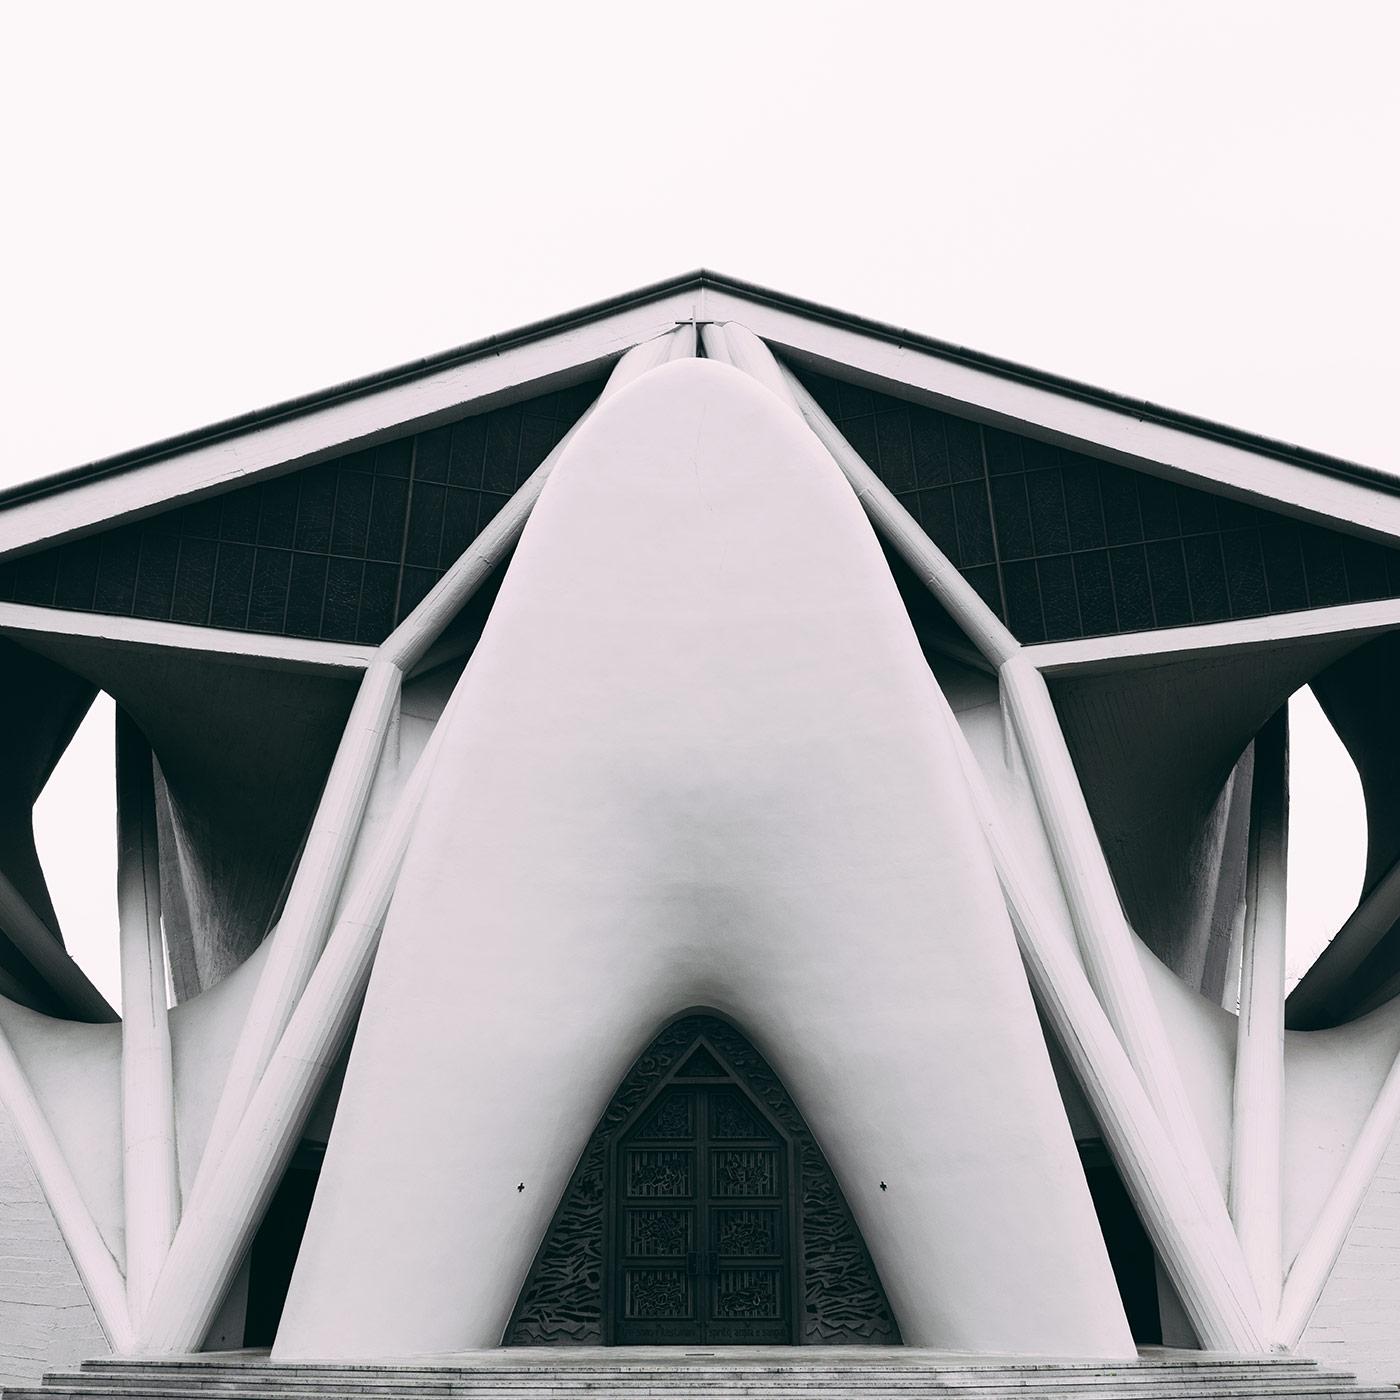 Chiesa di Maria S.ma Immacolata di Longuelo <br />Location: Bergamo, Italy <br />Architect: Pizzigoni Giuseppe